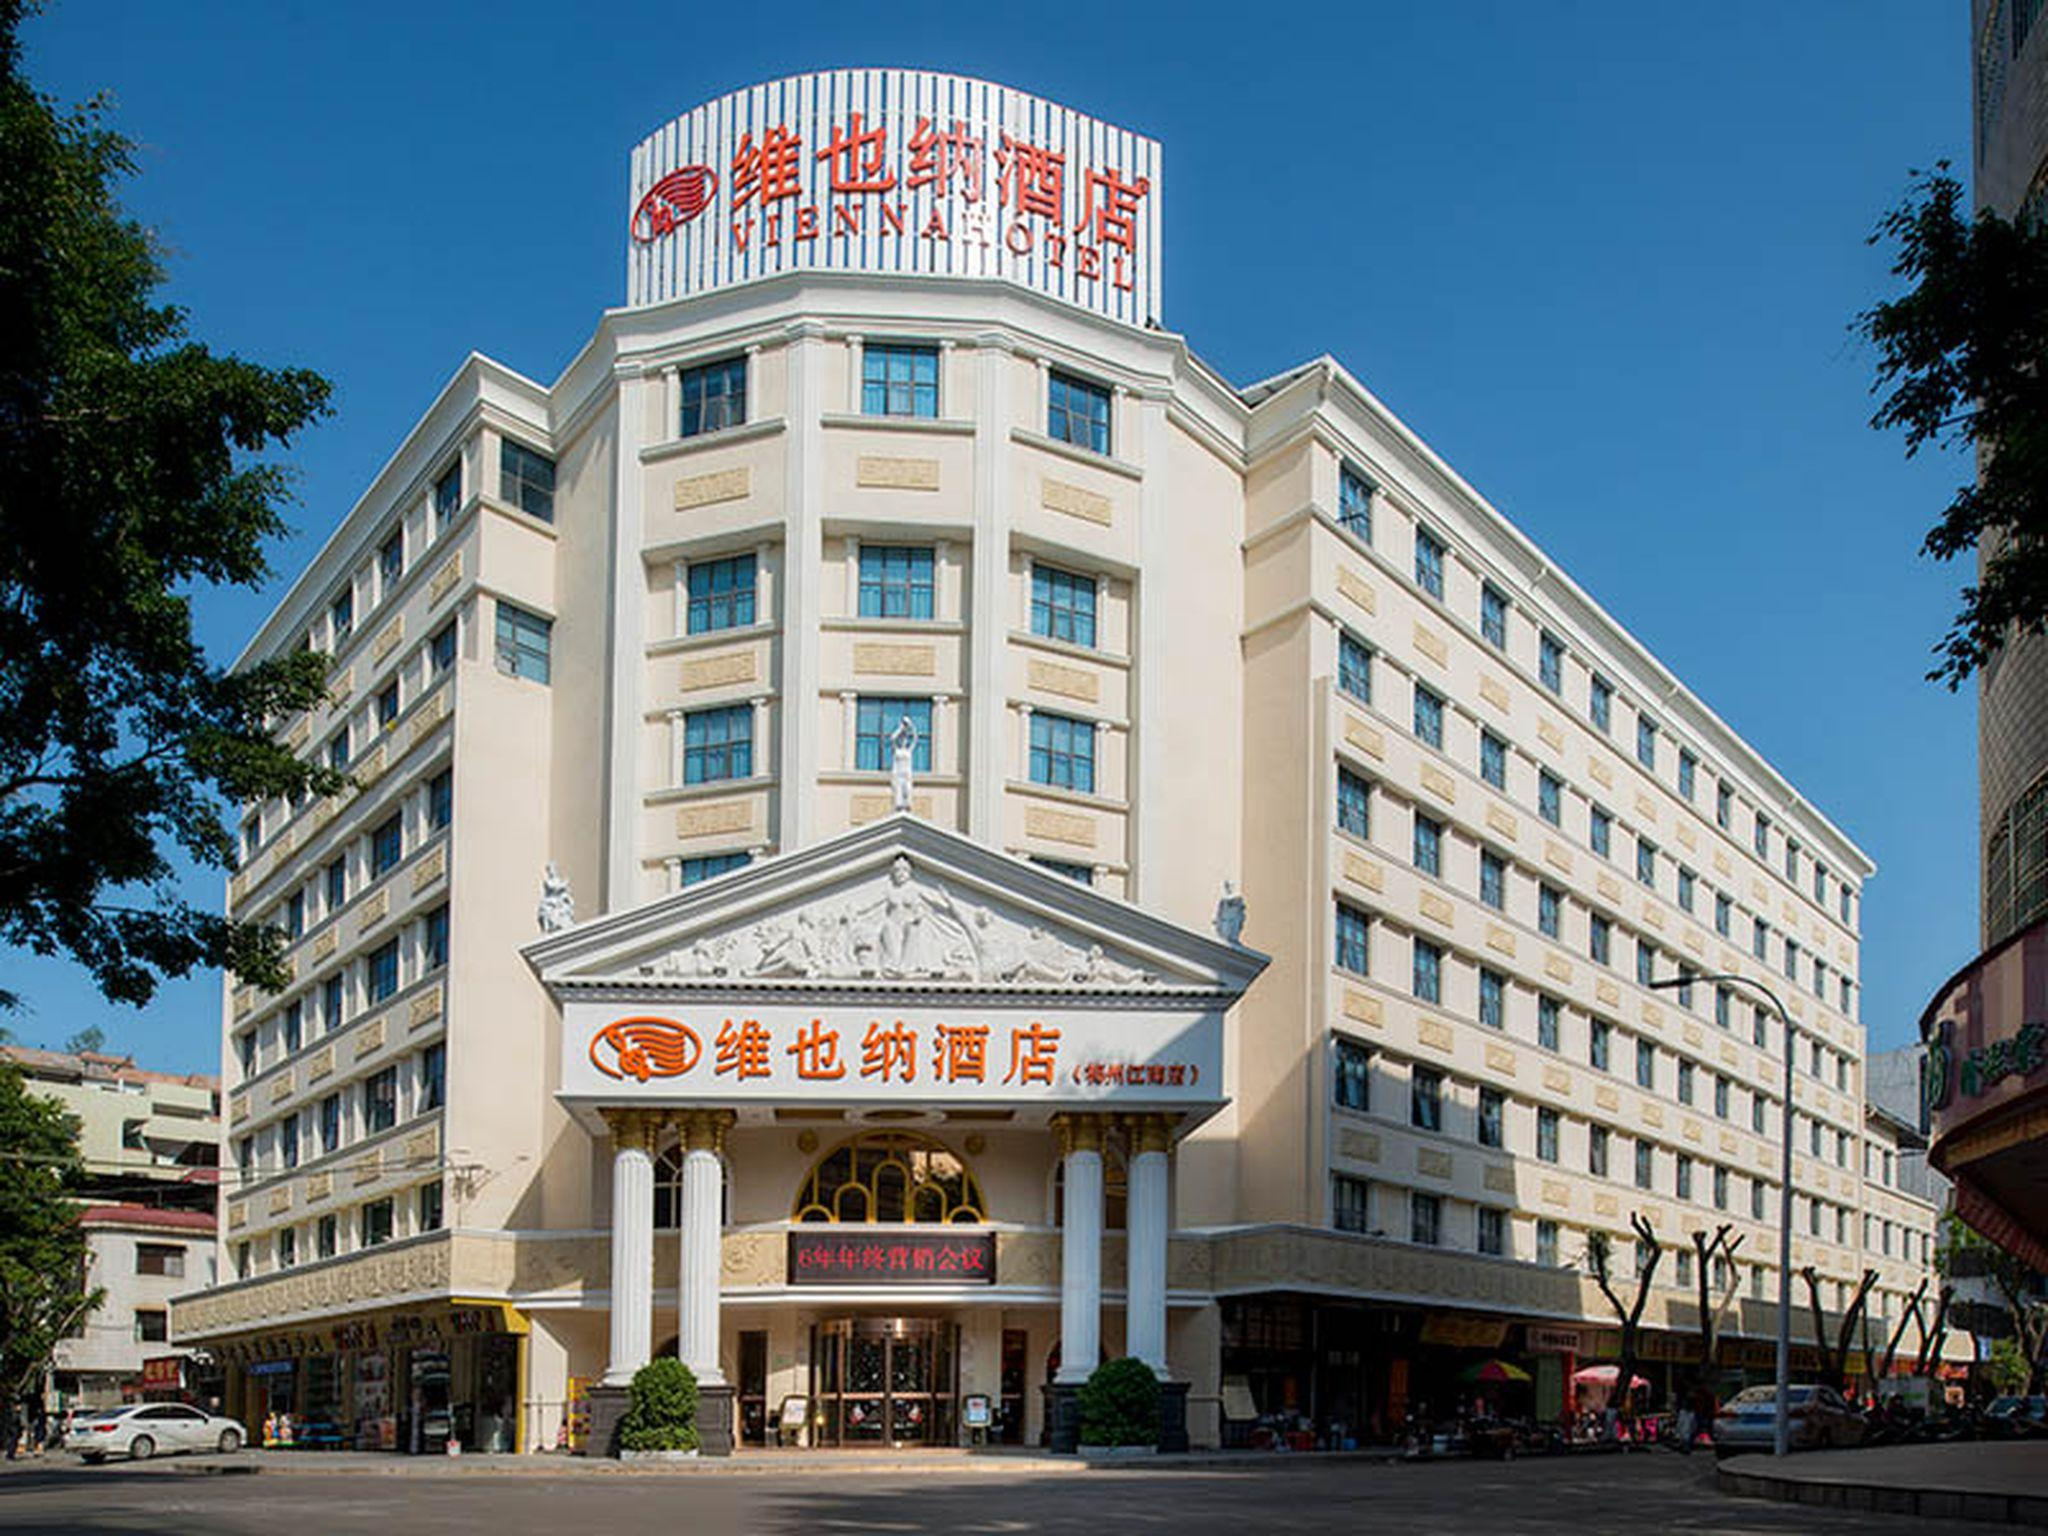 Vienna Hotel Meizhou Jiangnan Branch